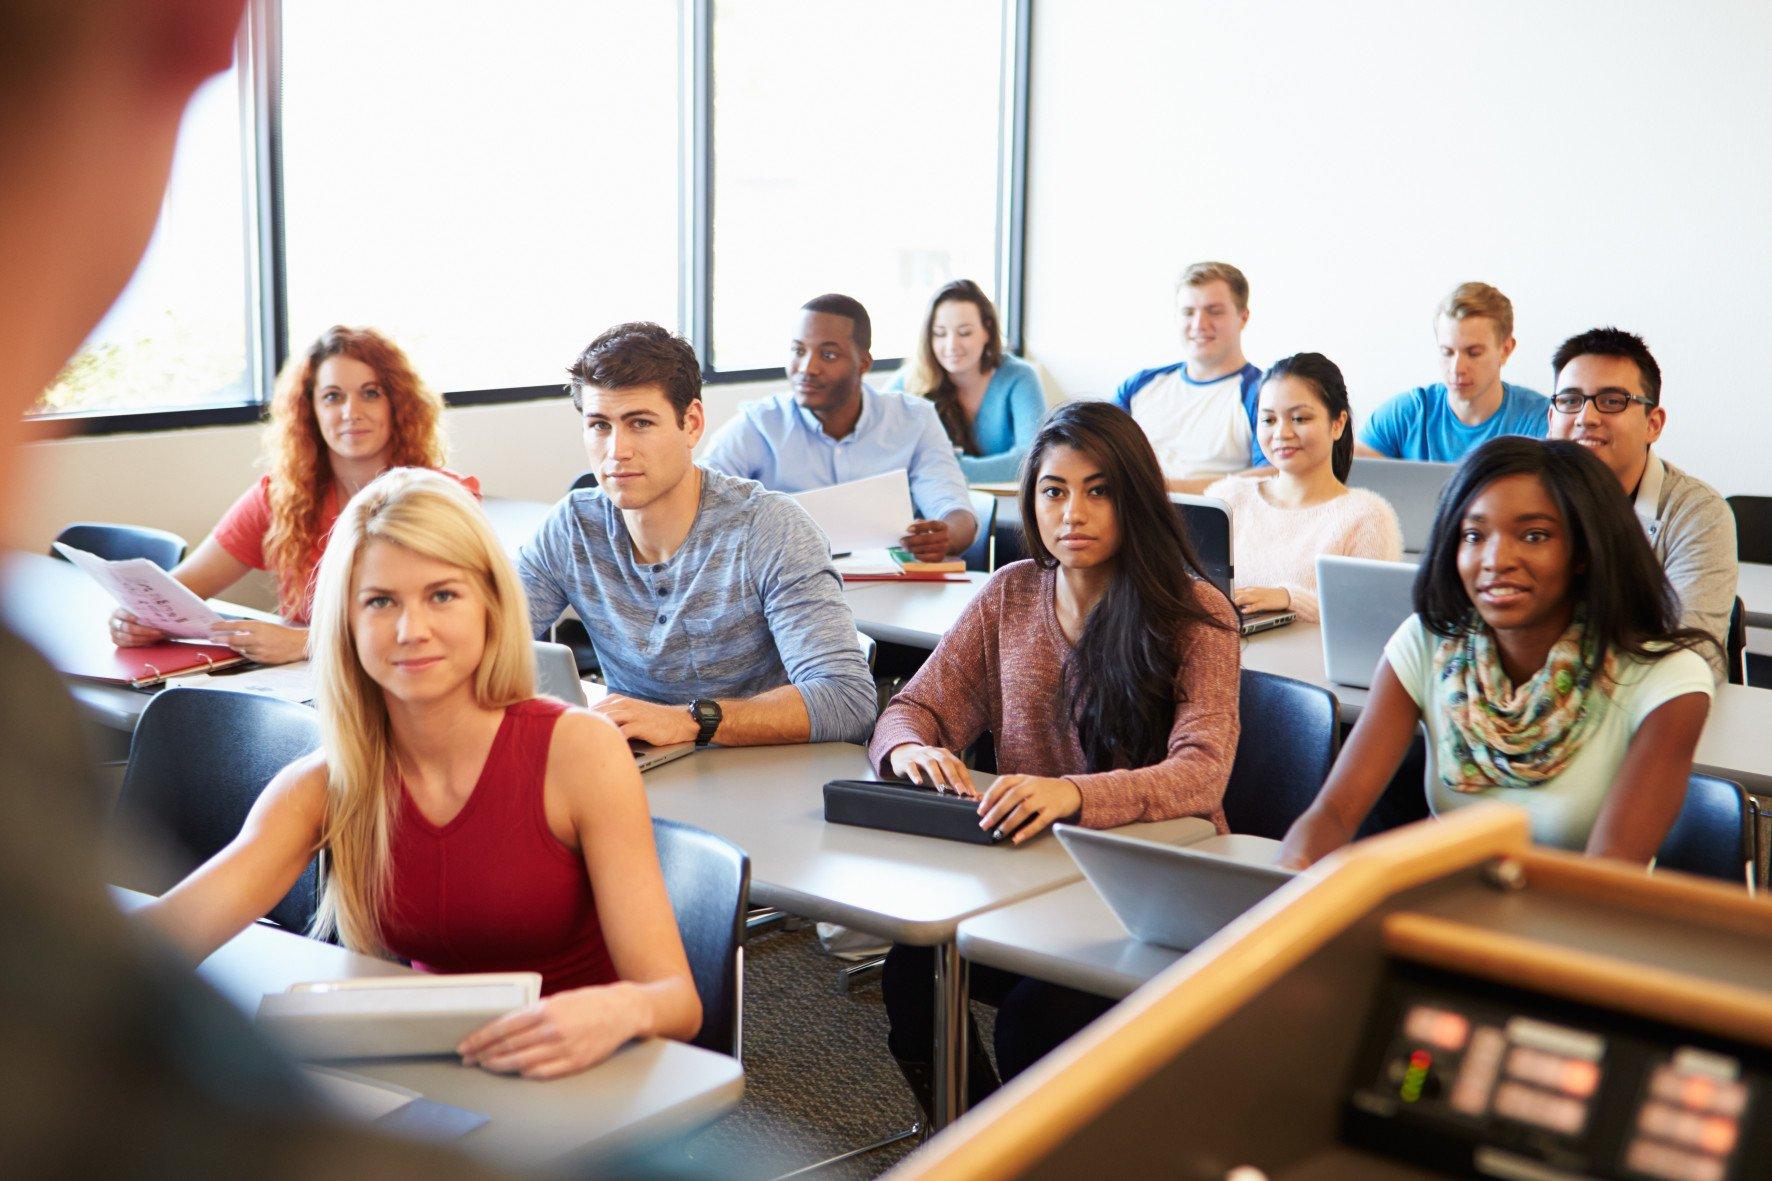 Возможности для обучения в Новой Зеландии: от школ до университетов